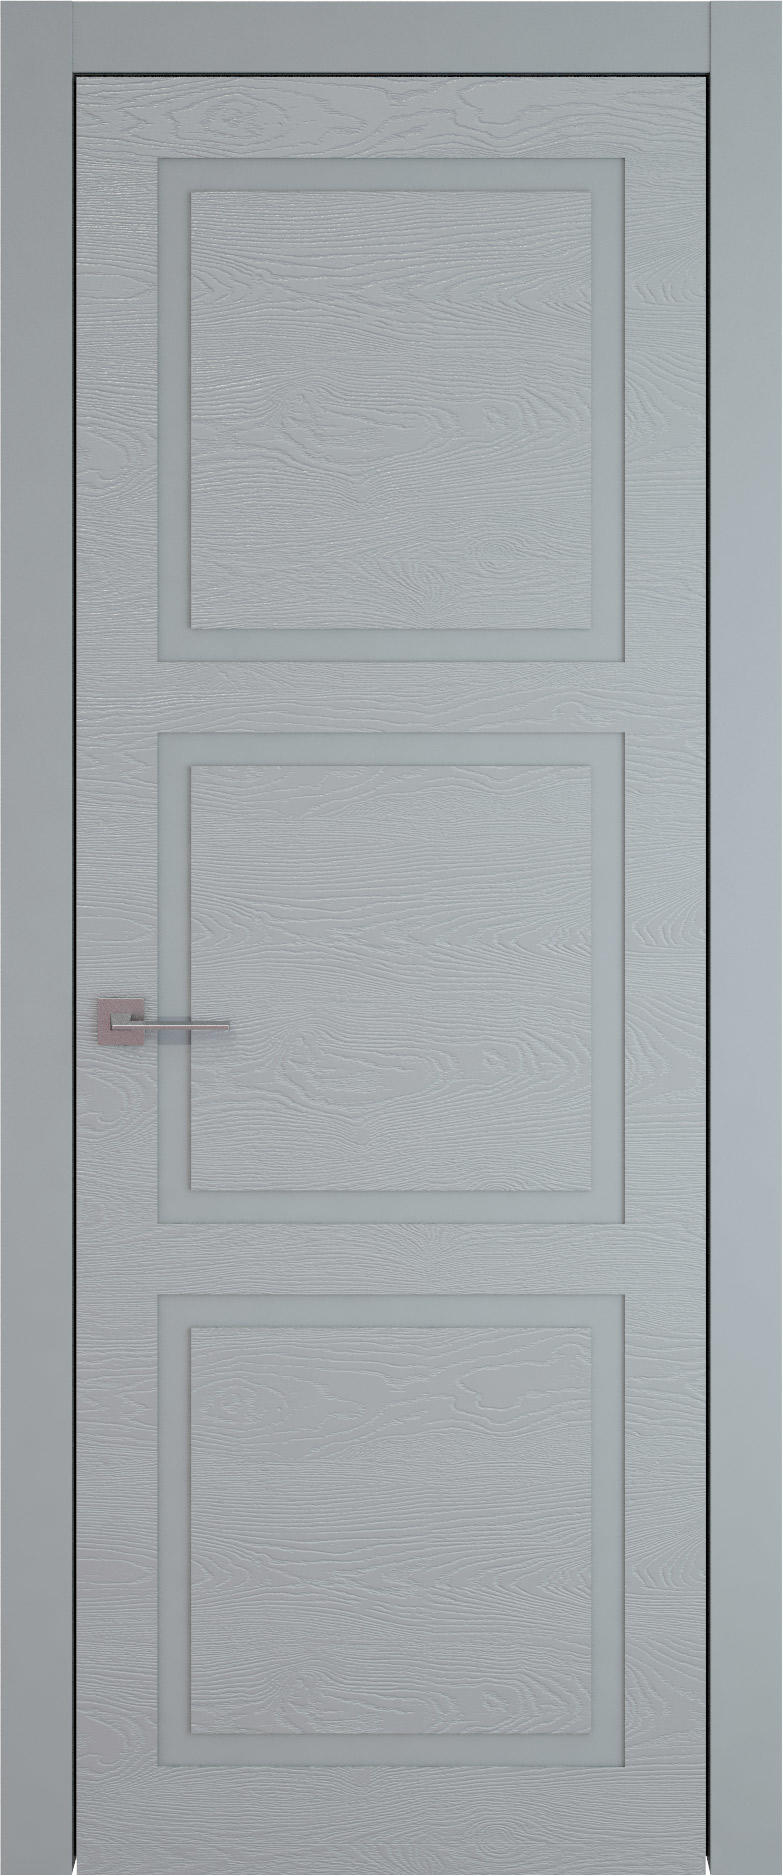 Tivoli Л-5 цвет - Серебристо-серая эмаль по шпону (RAL 7045) Без стекла (ДГ)